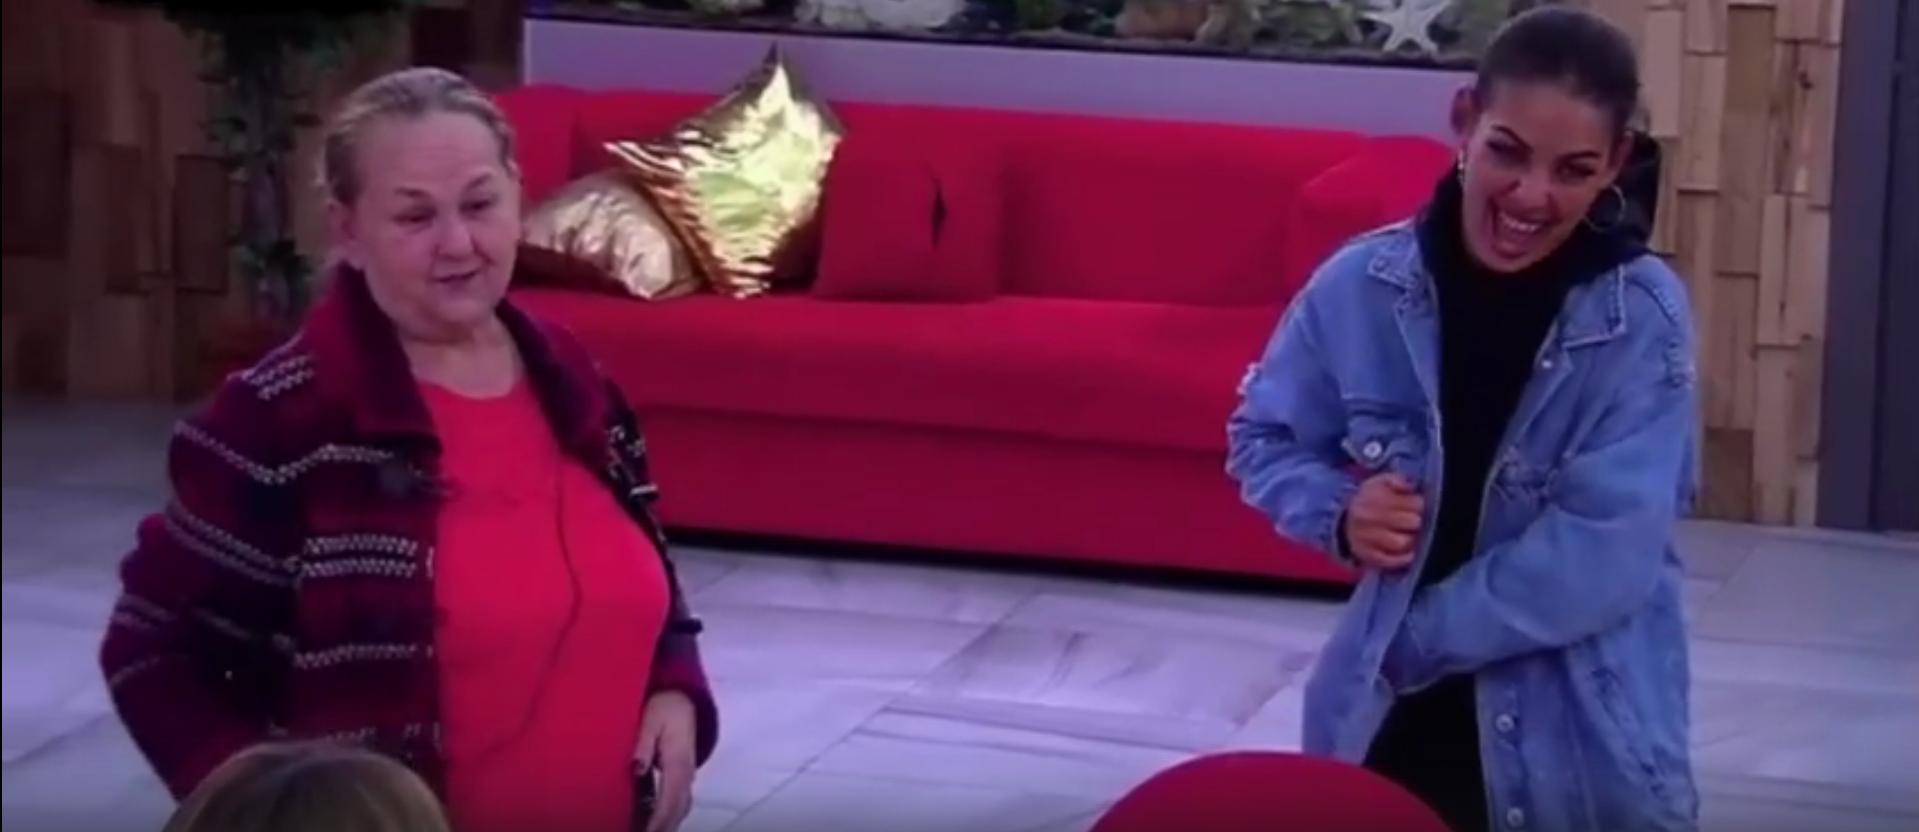 Гобозова выгнали с проекта, а Ольга Васильевна и Давидова остались